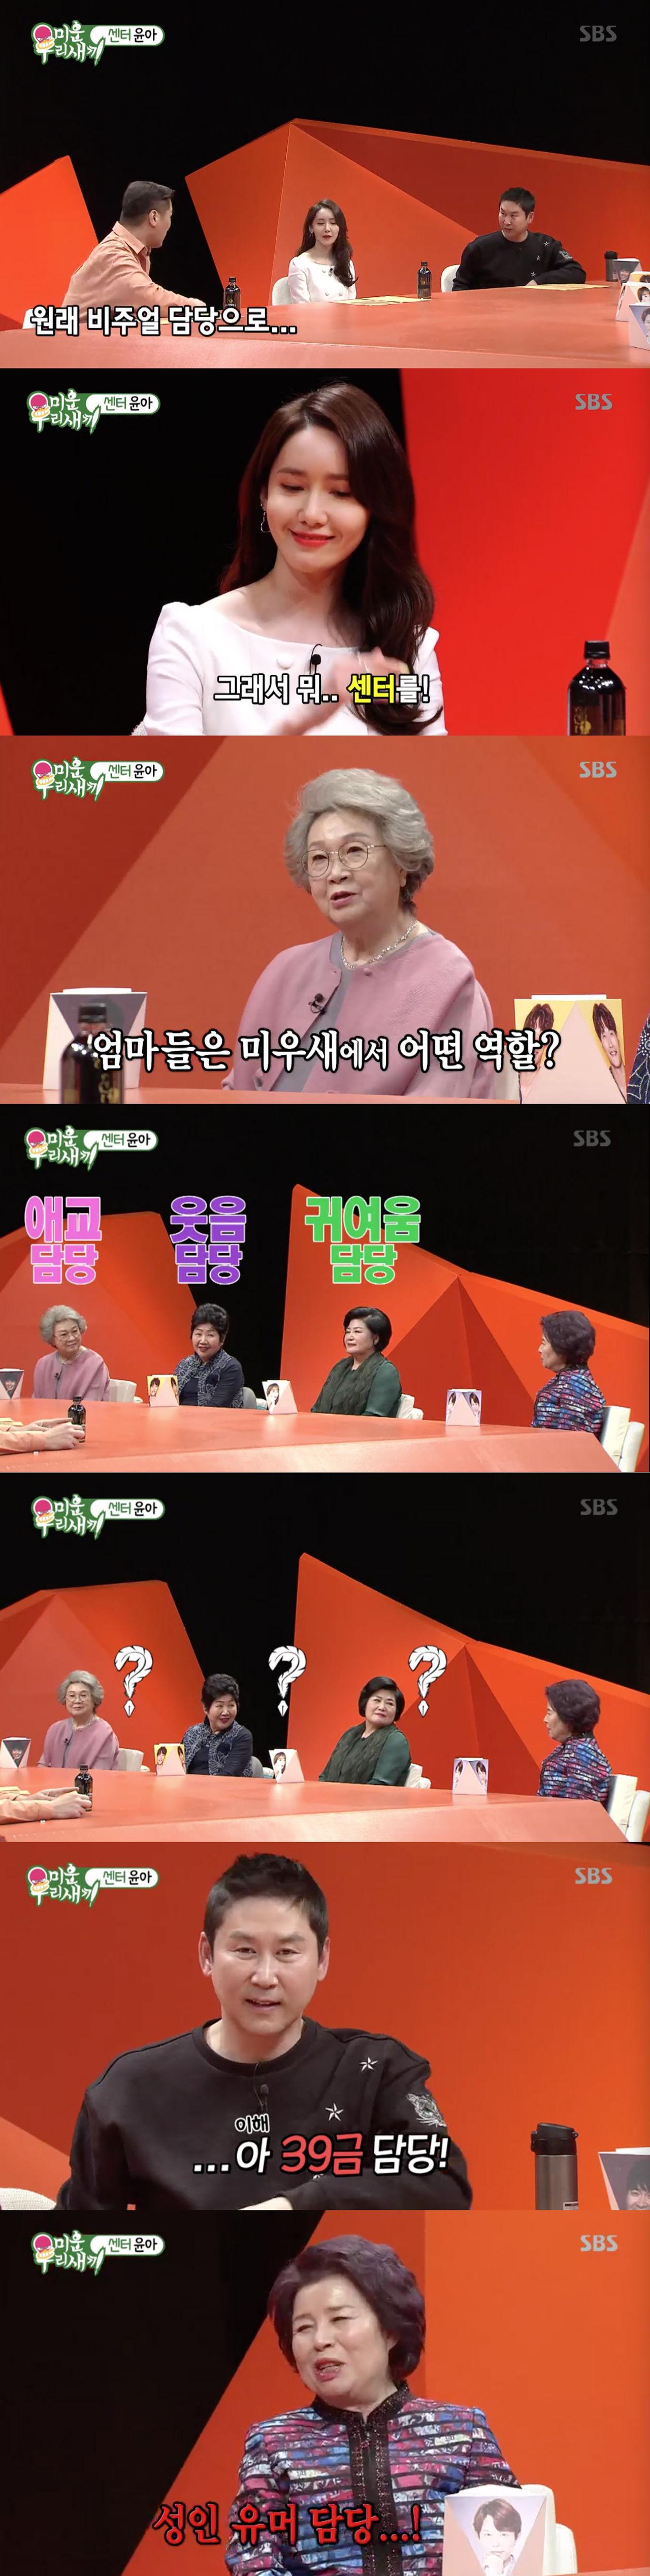 """기사 대표 이미지:미우새 윤아 """"소녀시대에서 비주얼 담당으로 센터였다""""…토니안母 성인 유머 담당 인증"""